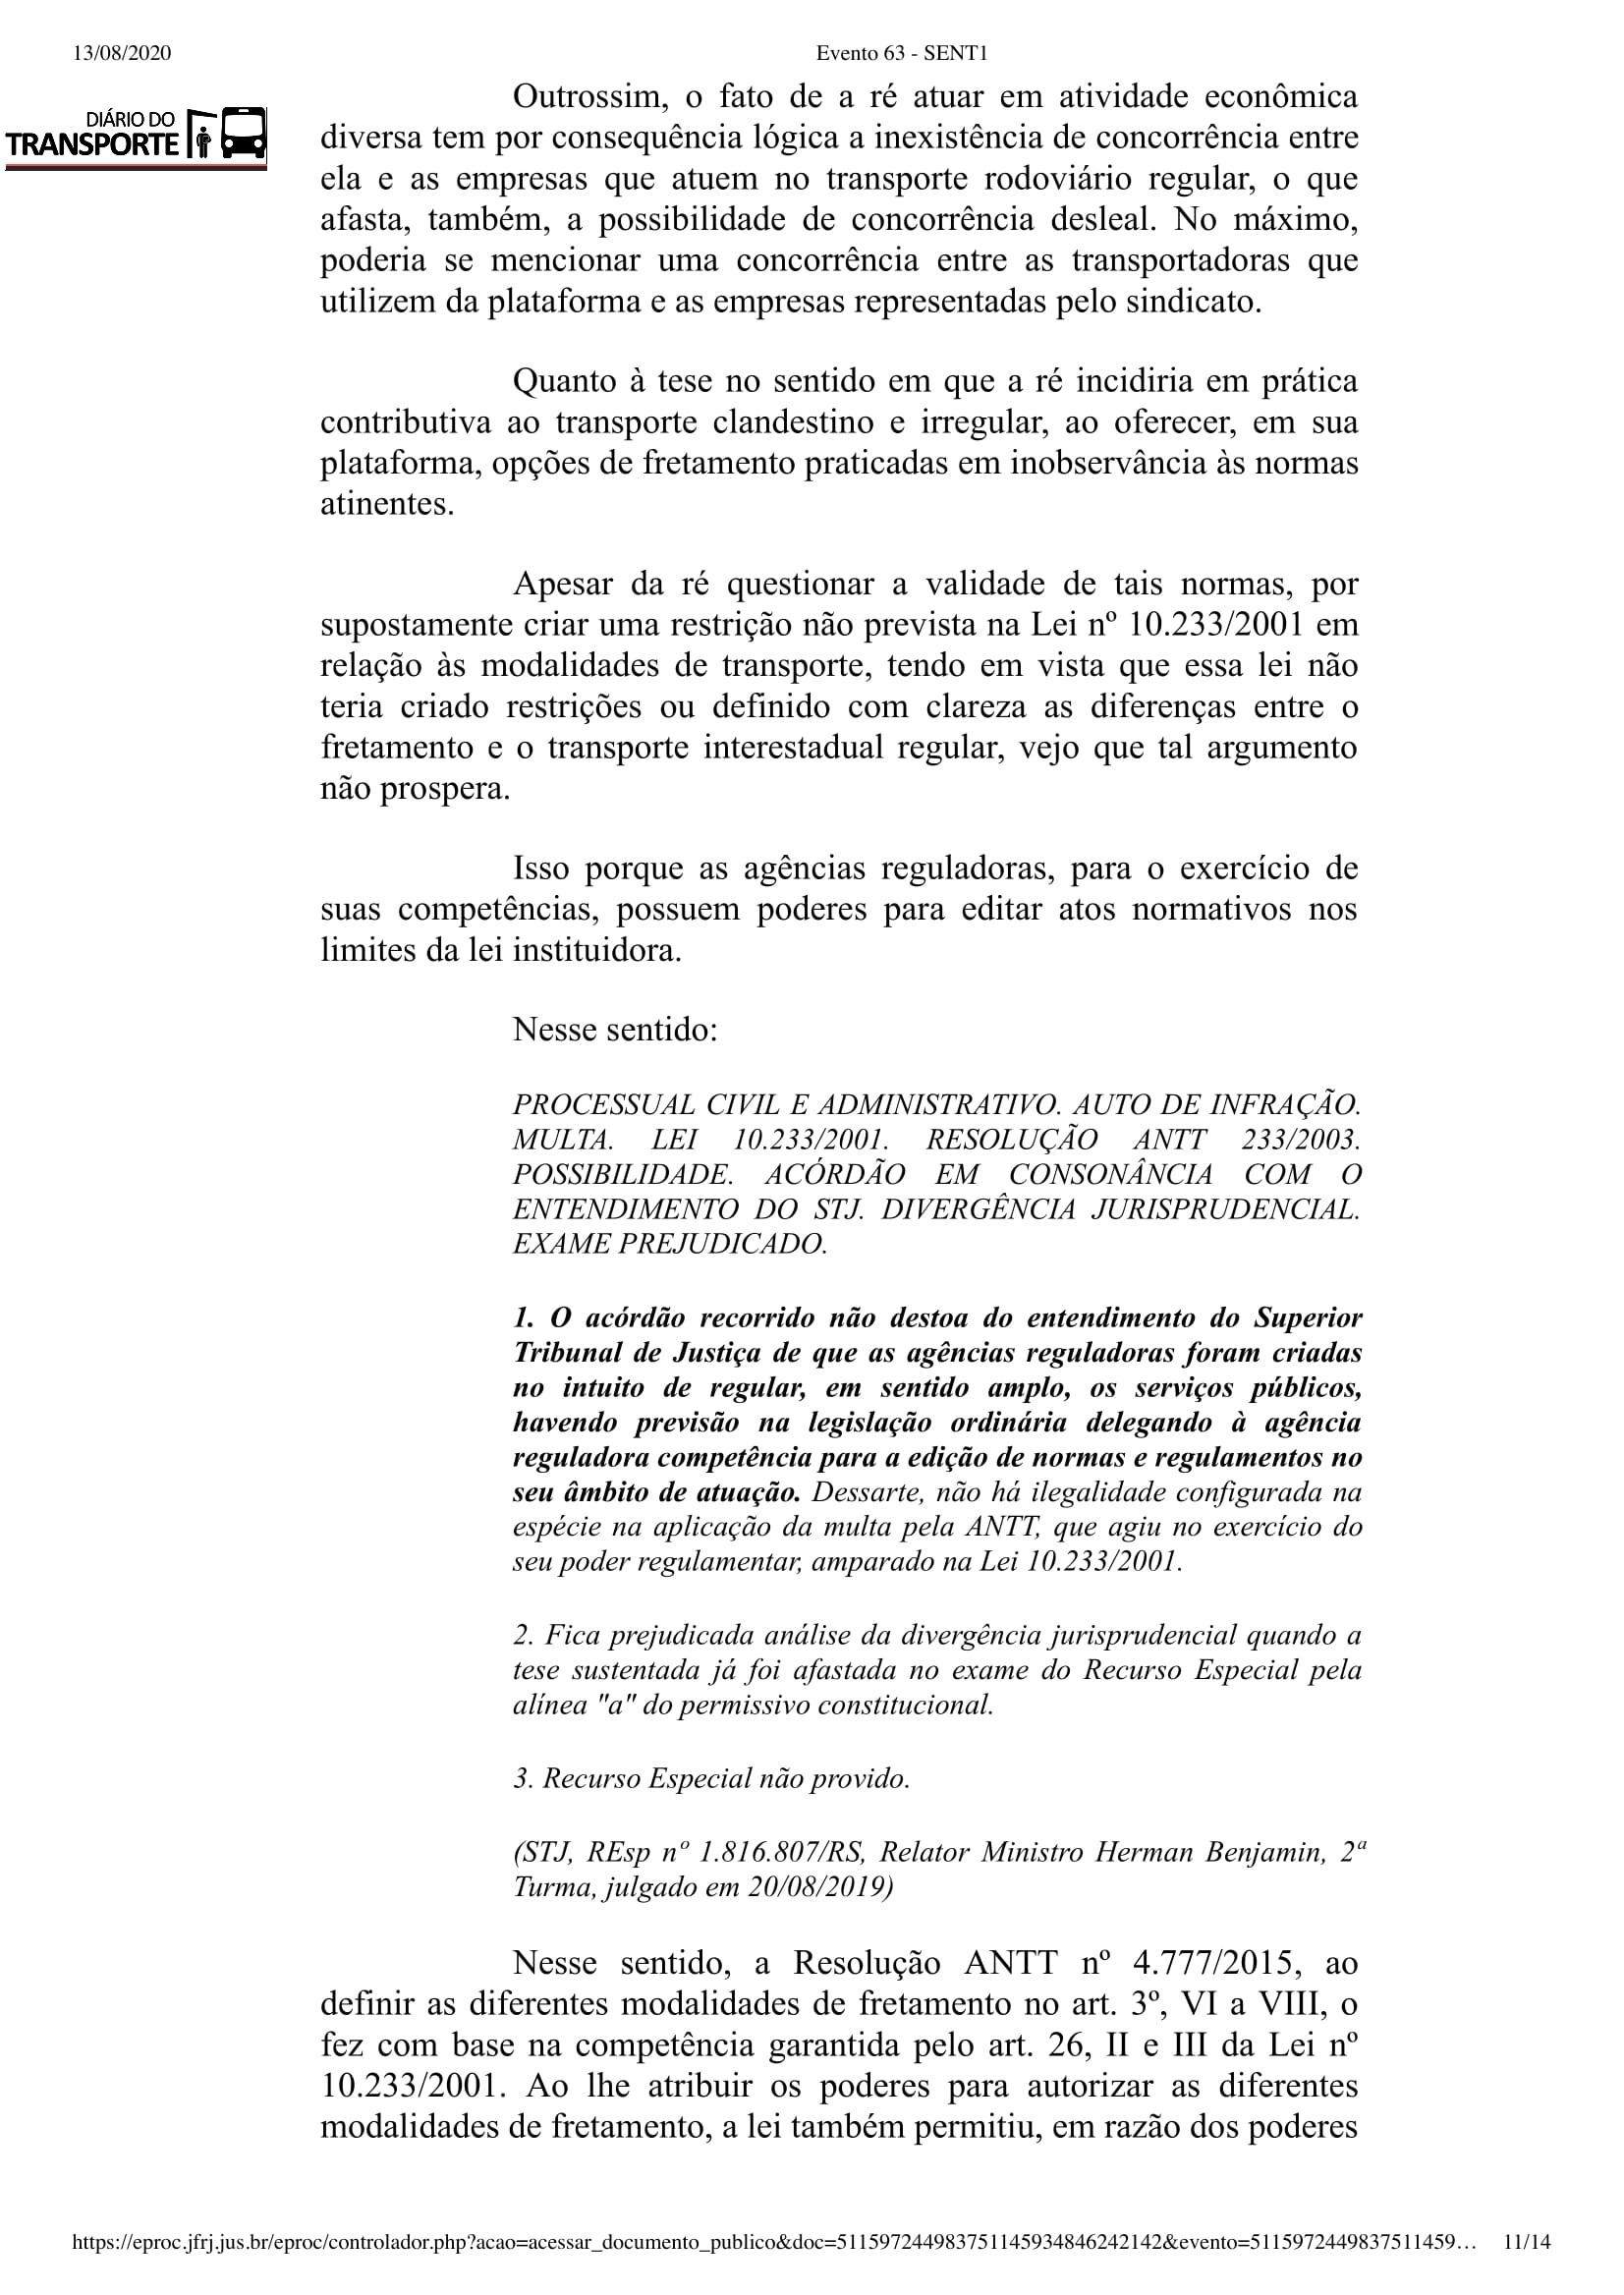 Sentença-14-paginas-11